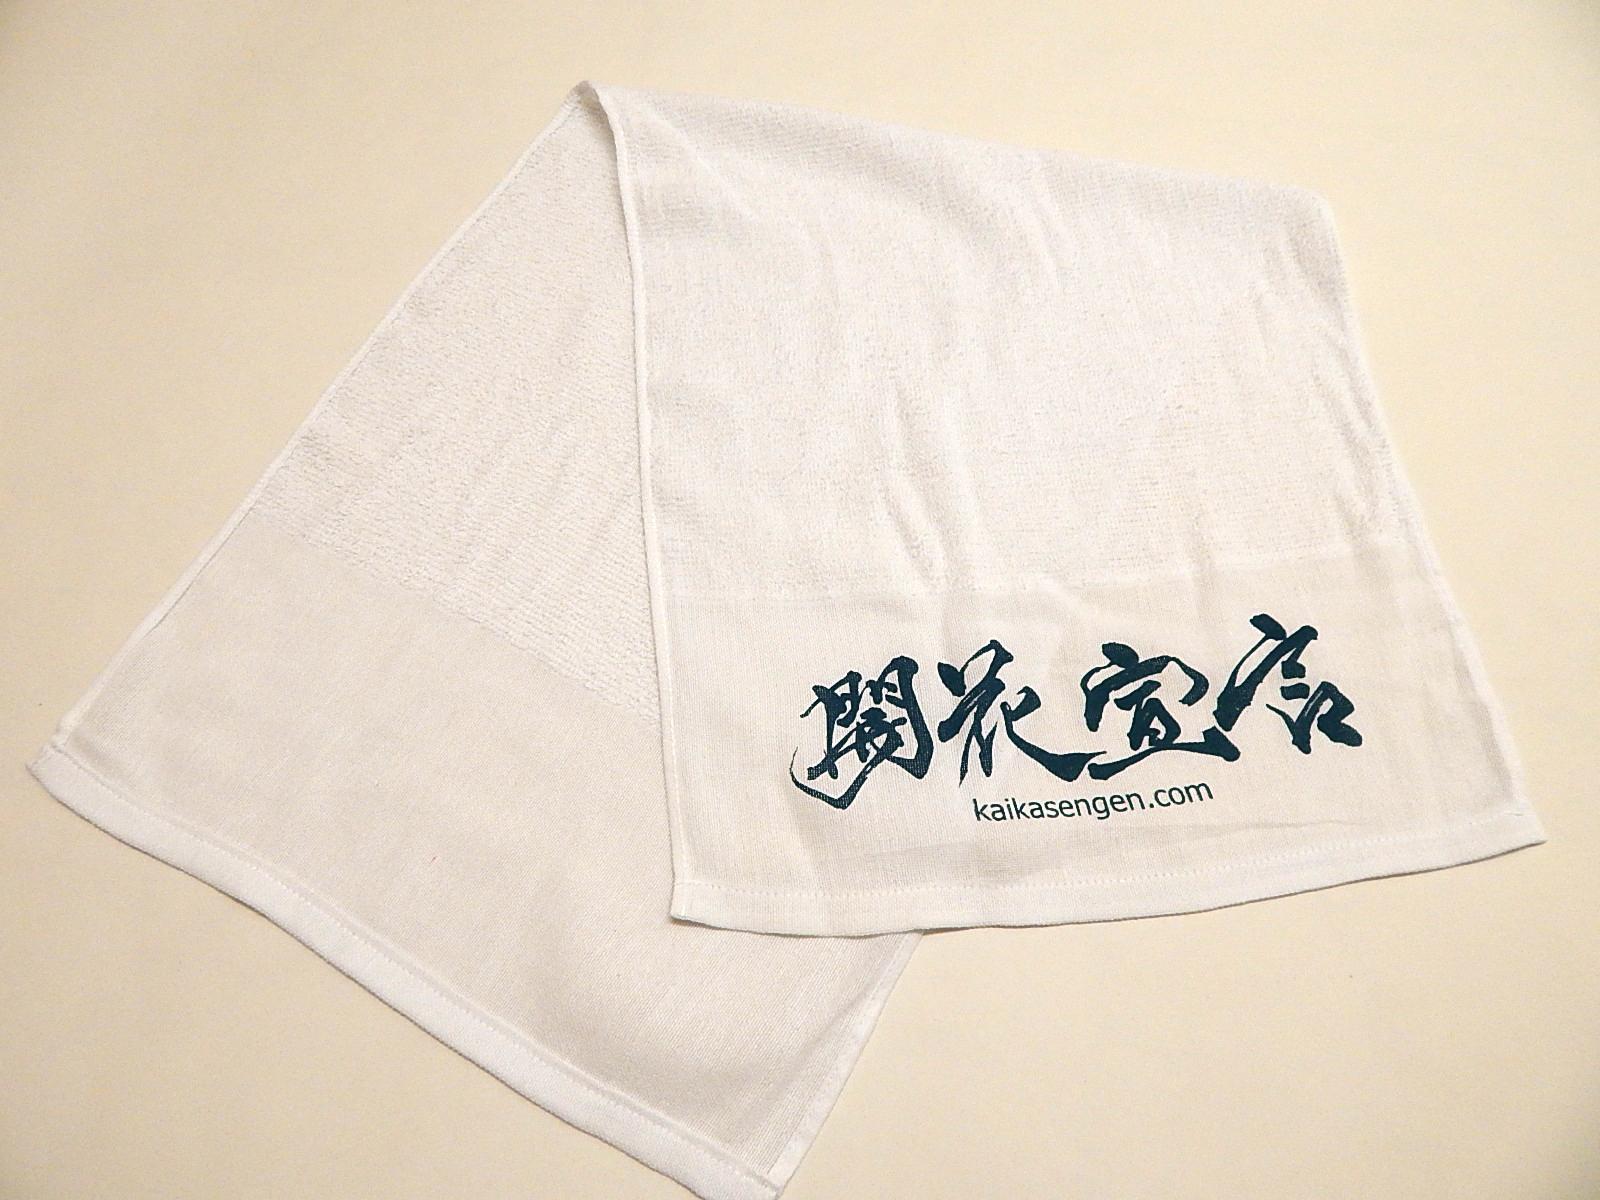 「開花宣言」オフィシャル温泉タオル